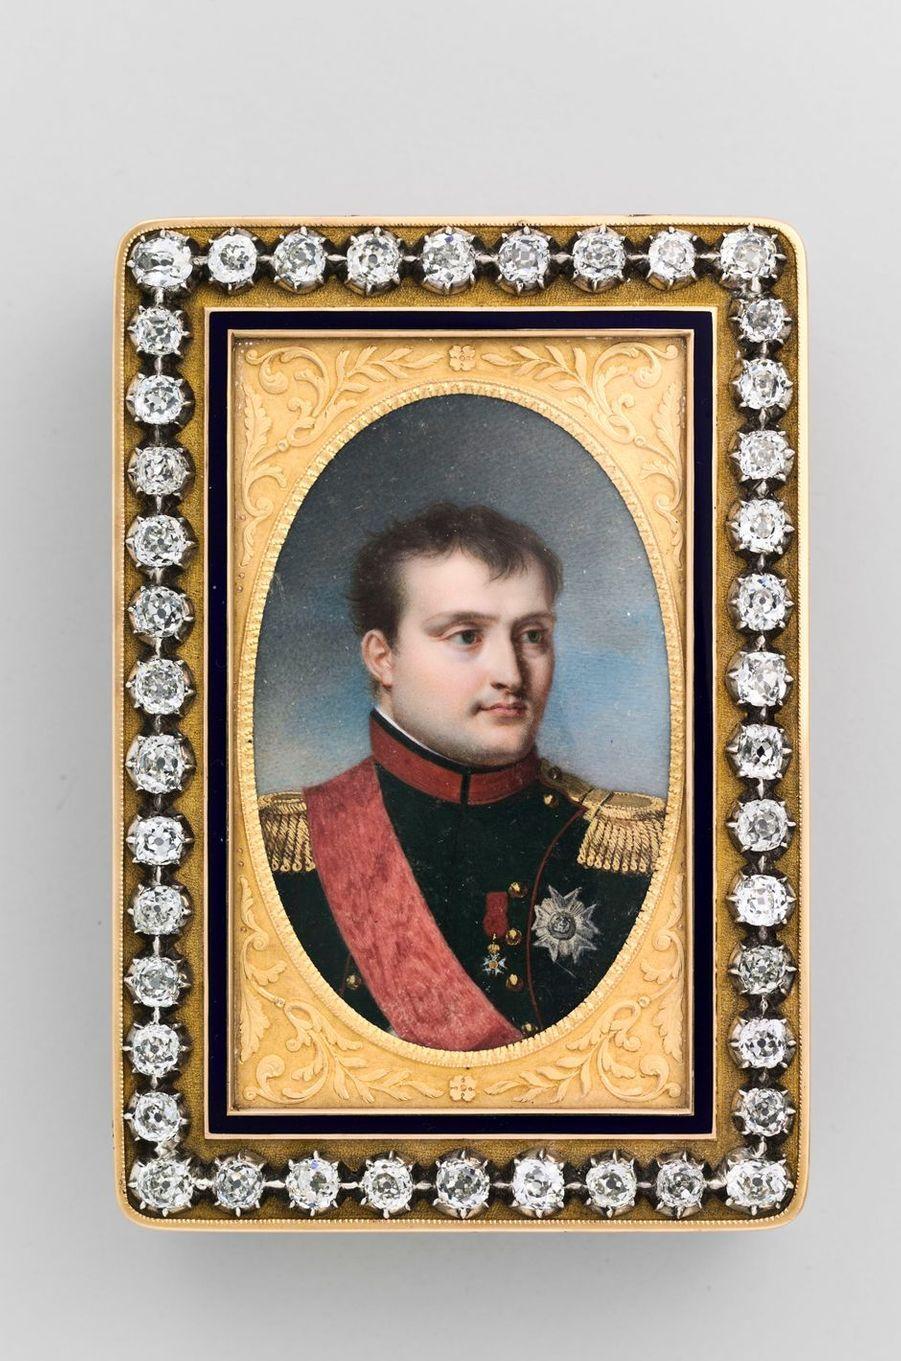 Tabatière ornée du portrait de Napoléon Ier. Collection du musée Napoléon Ier au château de Fontainebleau